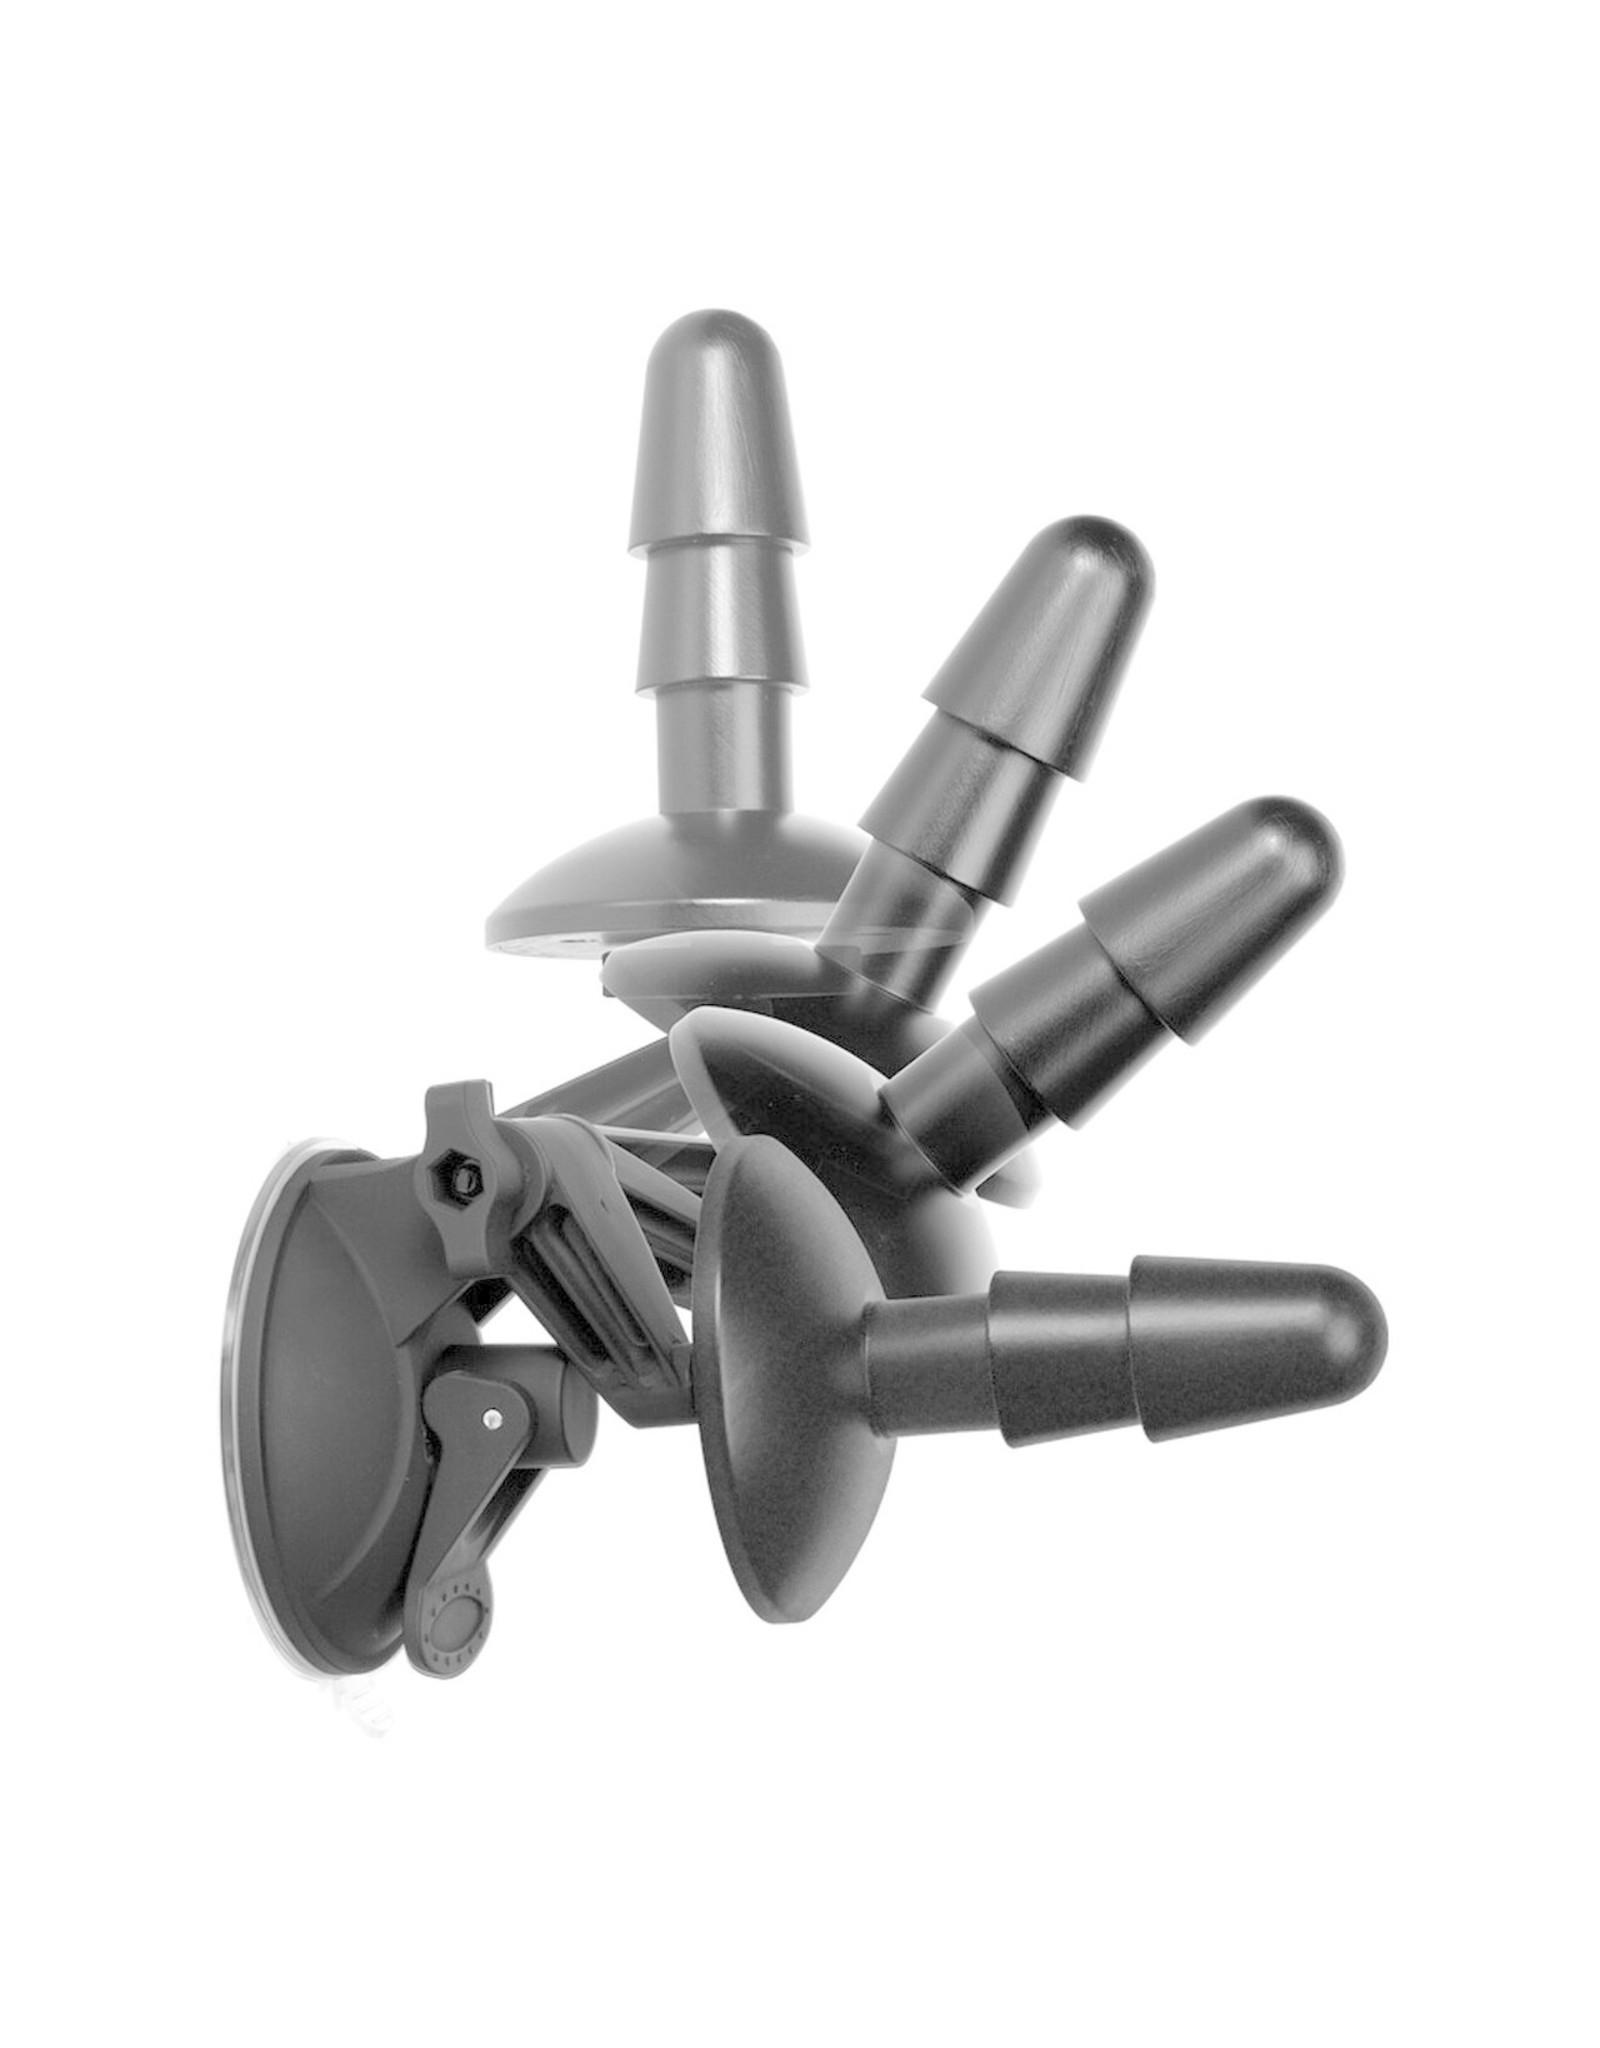 Vac-U-Lock Vac-U-Lock DLX Suction Cup